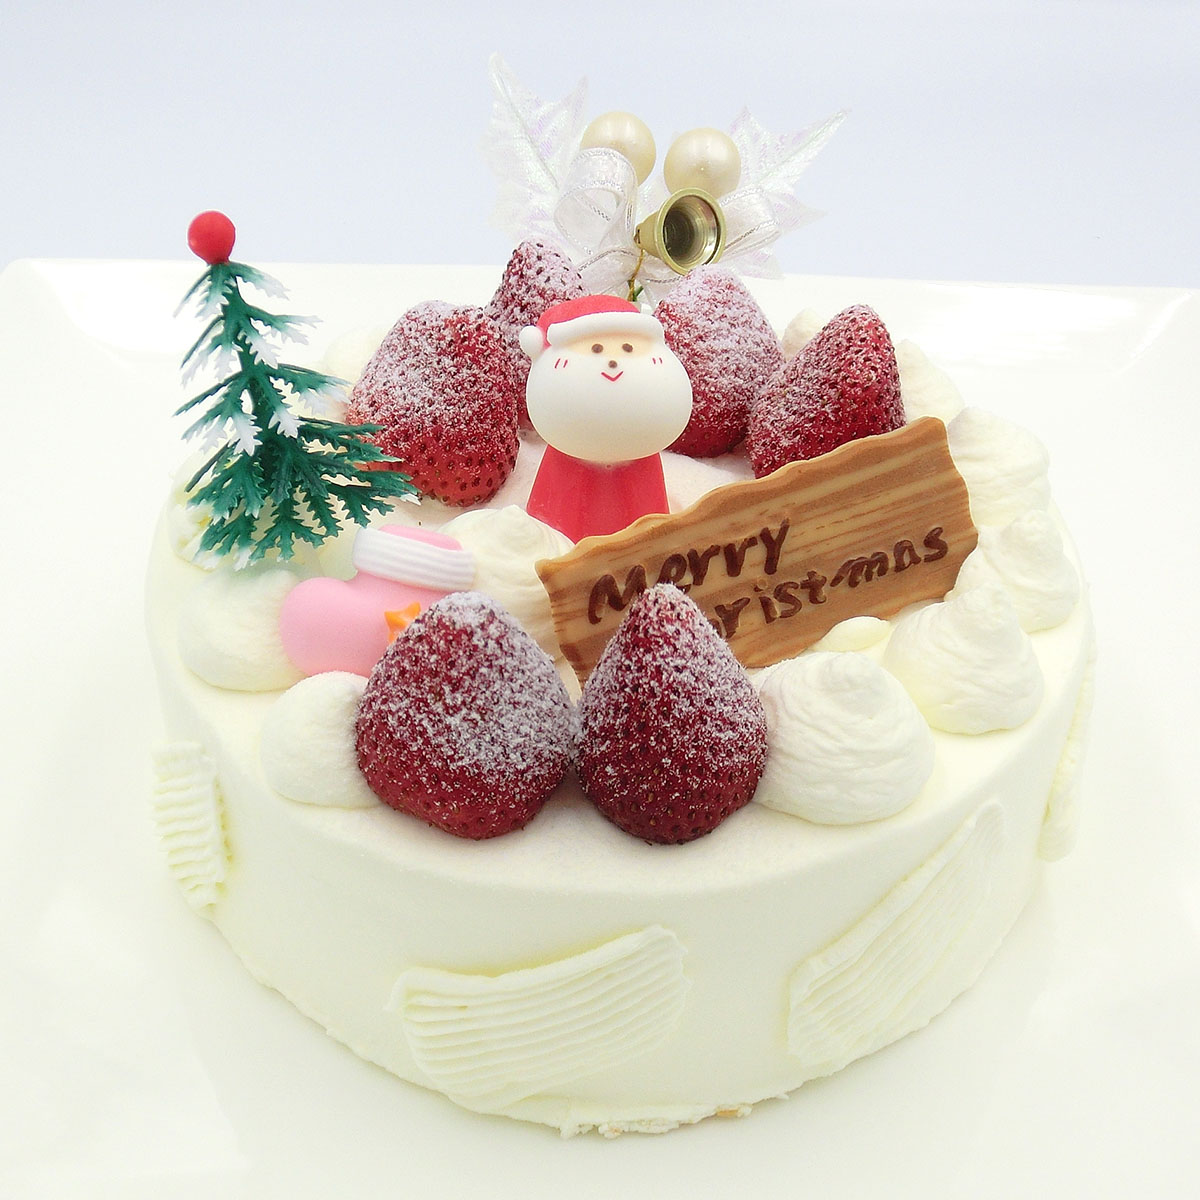 クリスマスデコレーションケーキ(生)